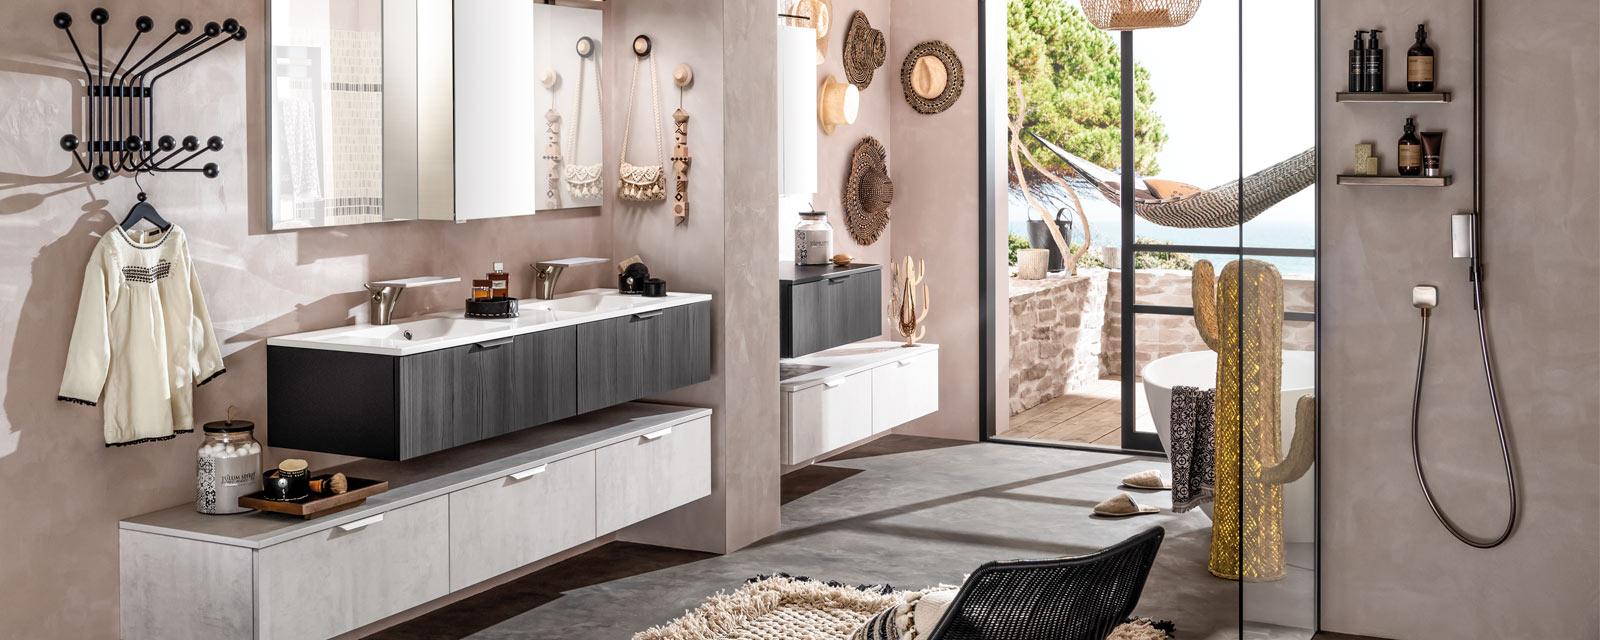 12 meuble salle de bain suspendus design guide artisan - Artisan salle de bain ...